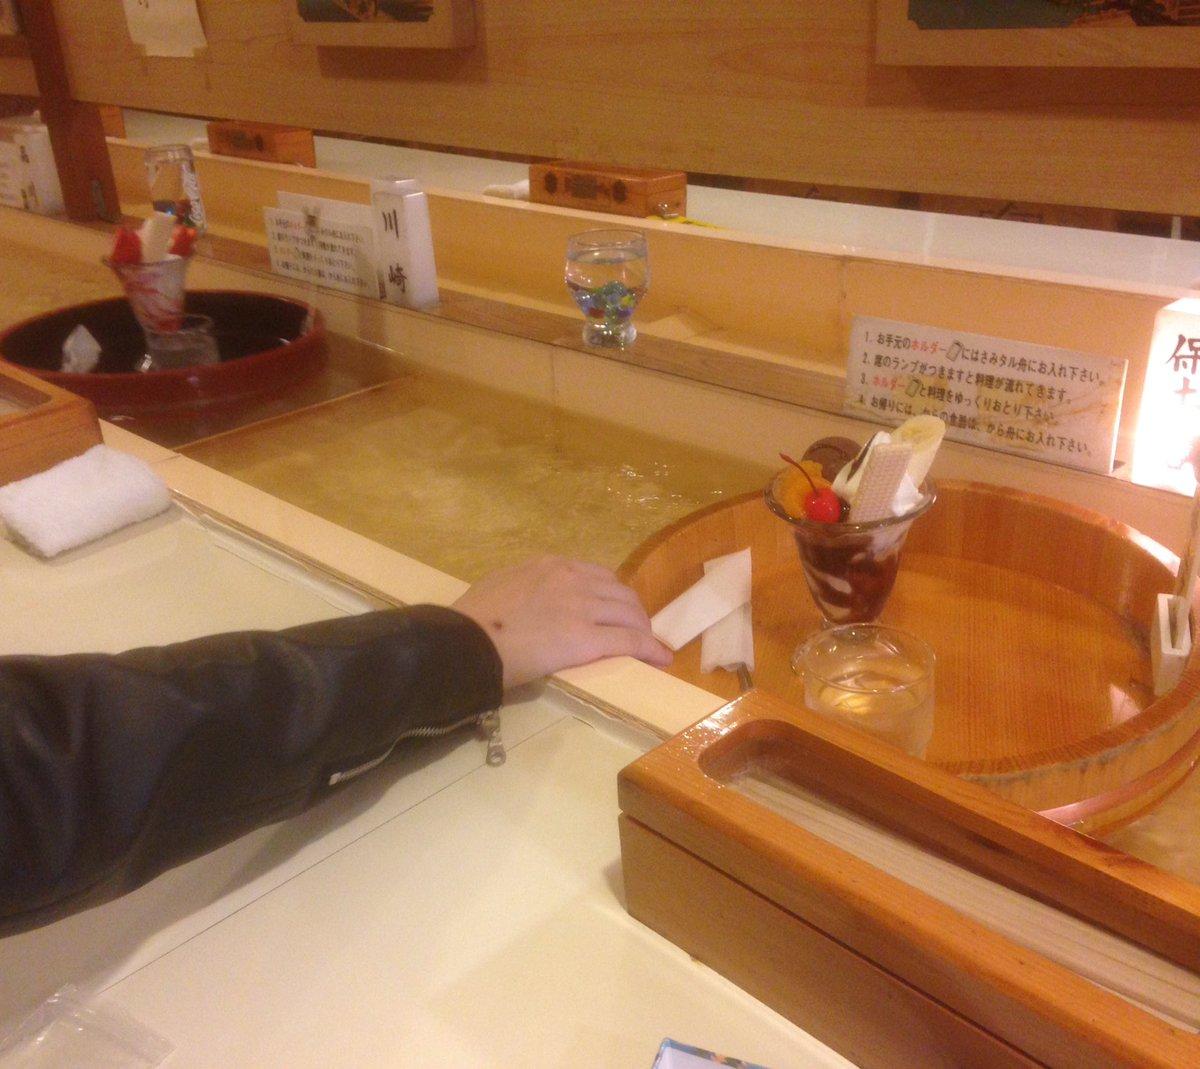 桶に乗ってパフェが流れてくるニンジャスレイヤー世界みたいな喫茶店に来ました(沼津駅近くのどんぐりという喫茶店です)